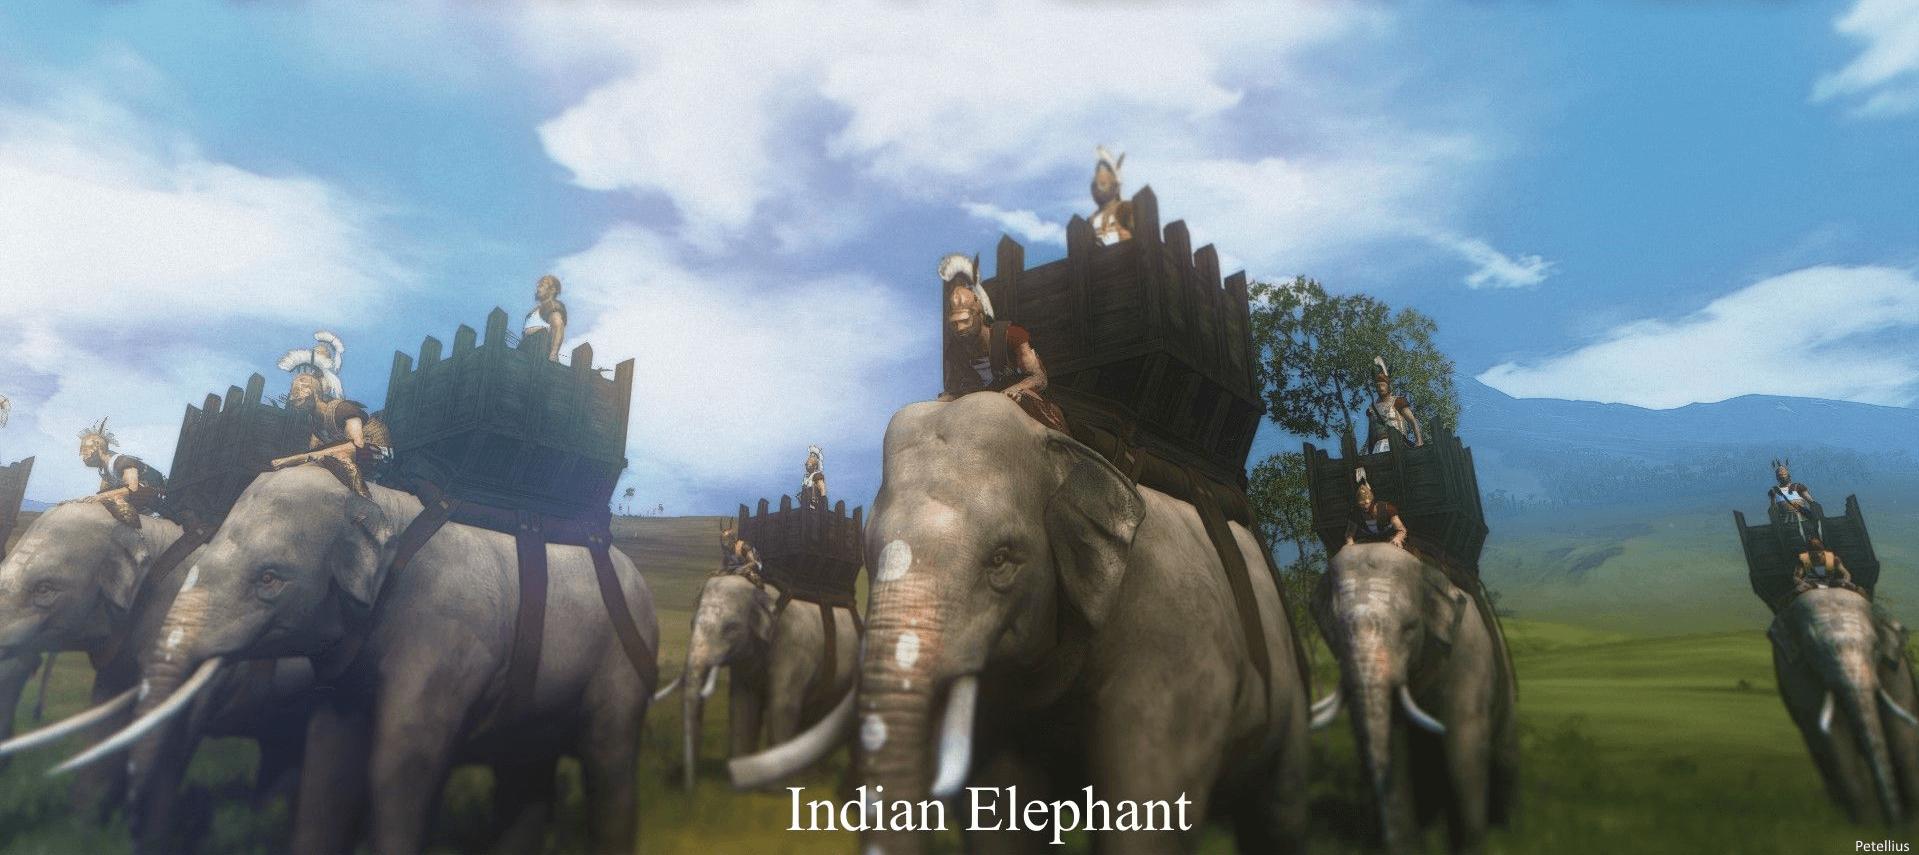 Elefantes de guerra hindues sin protección, seléuco tenía unos 300 con arqueros encima y los situó como reserva